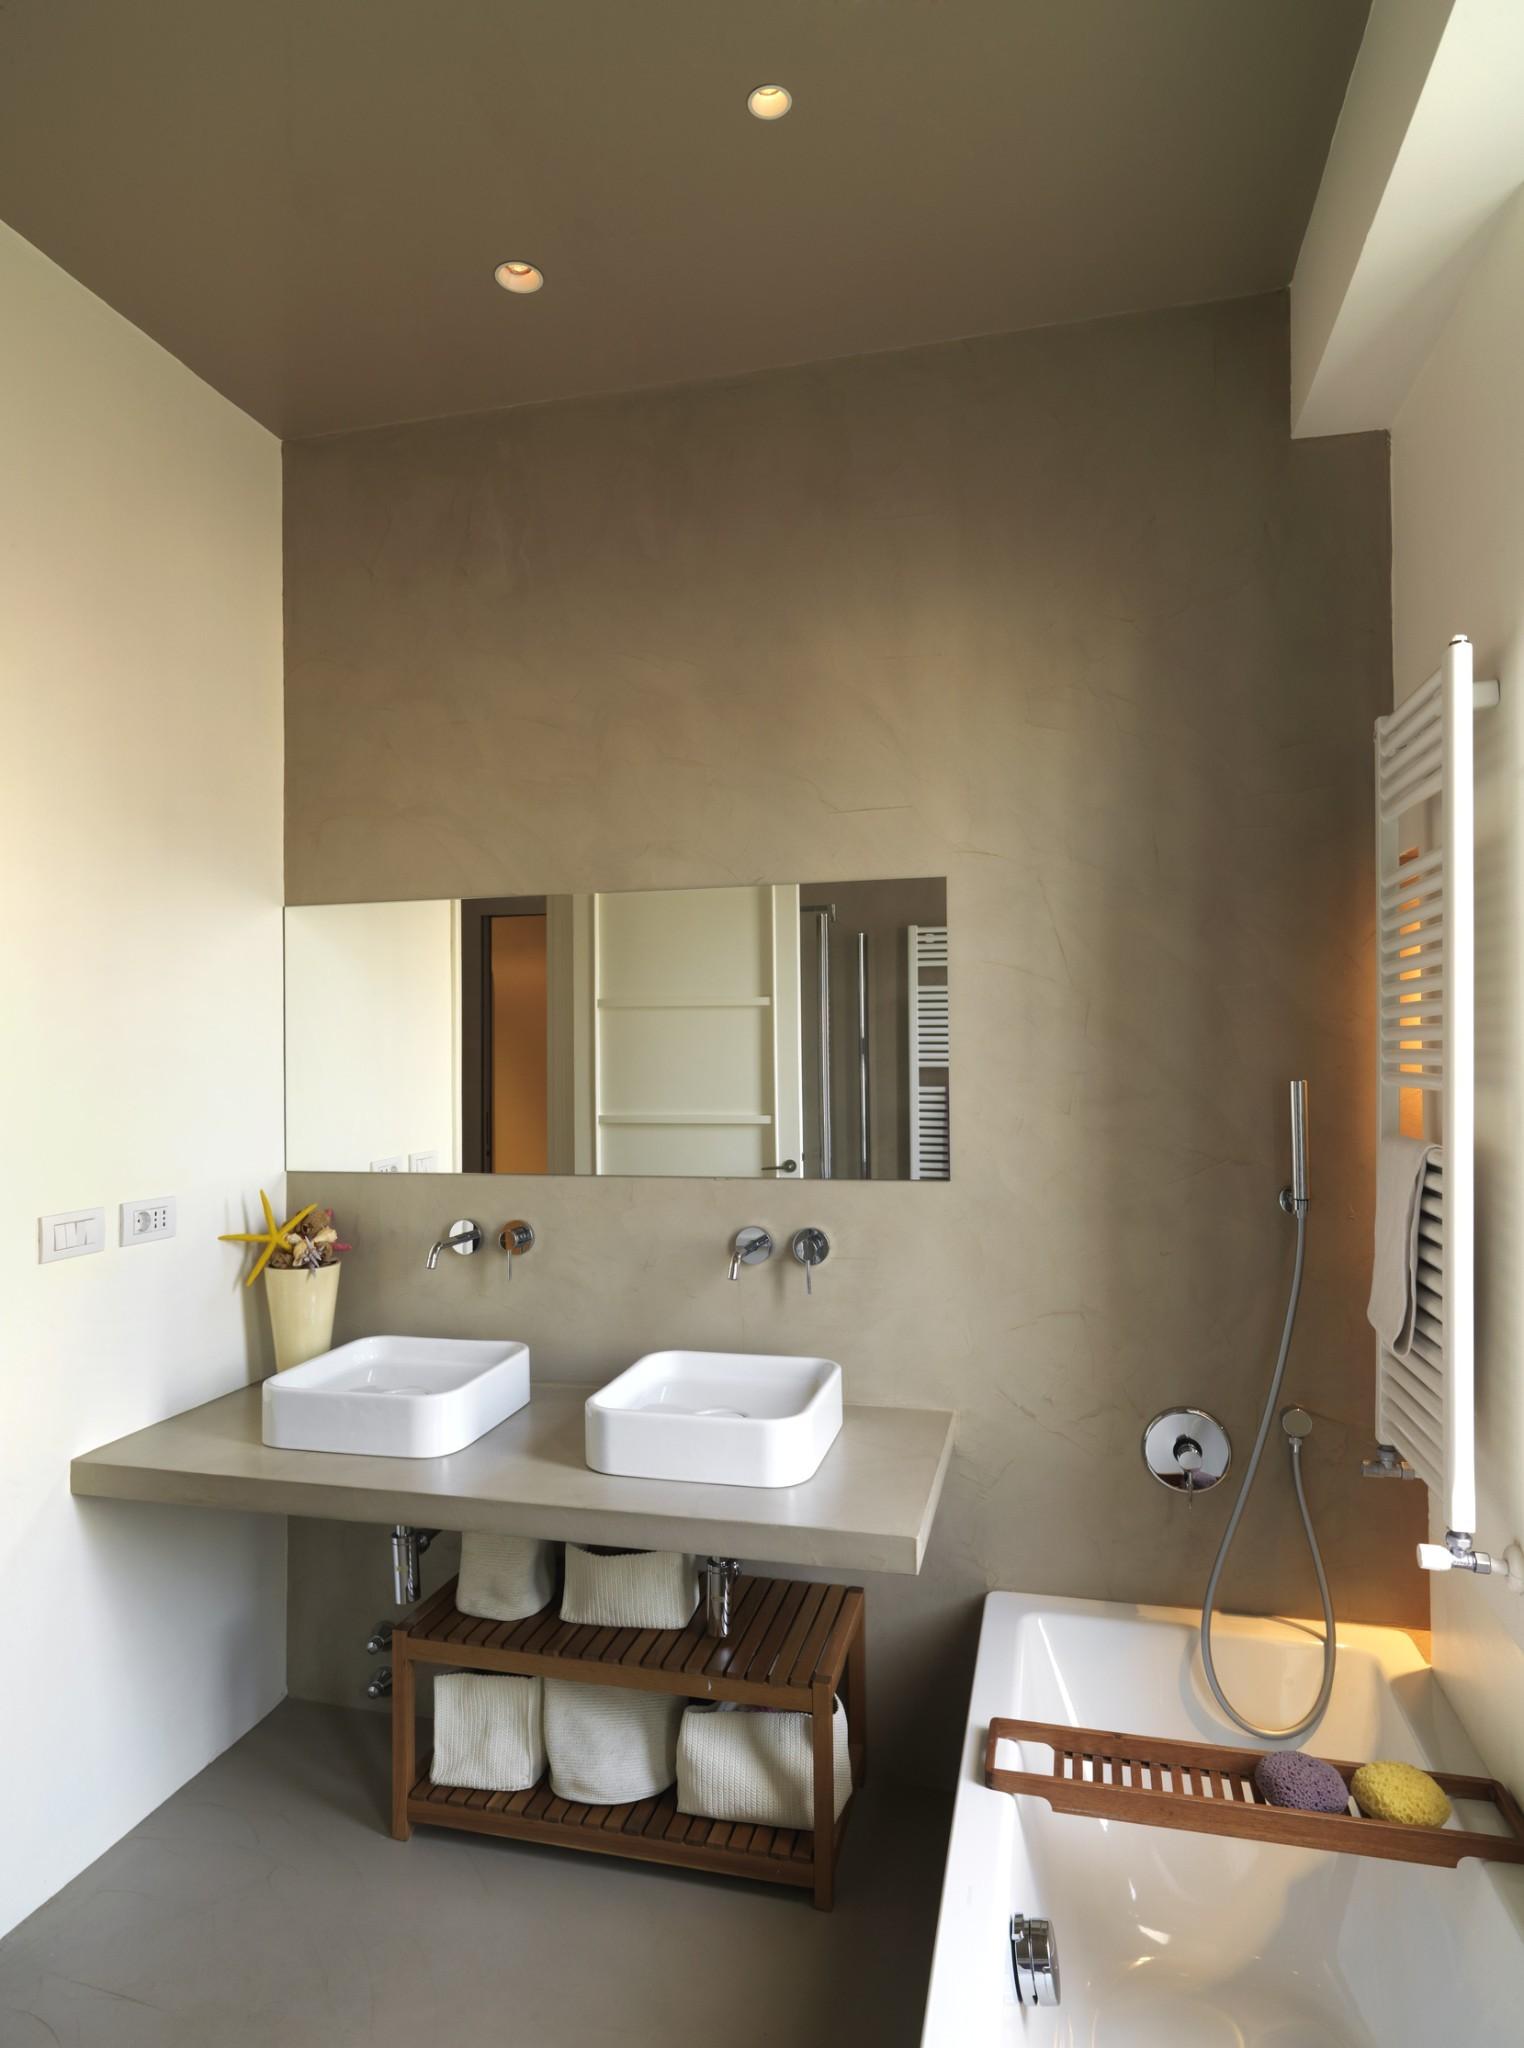 SA-Walls badkamer 6.jpg